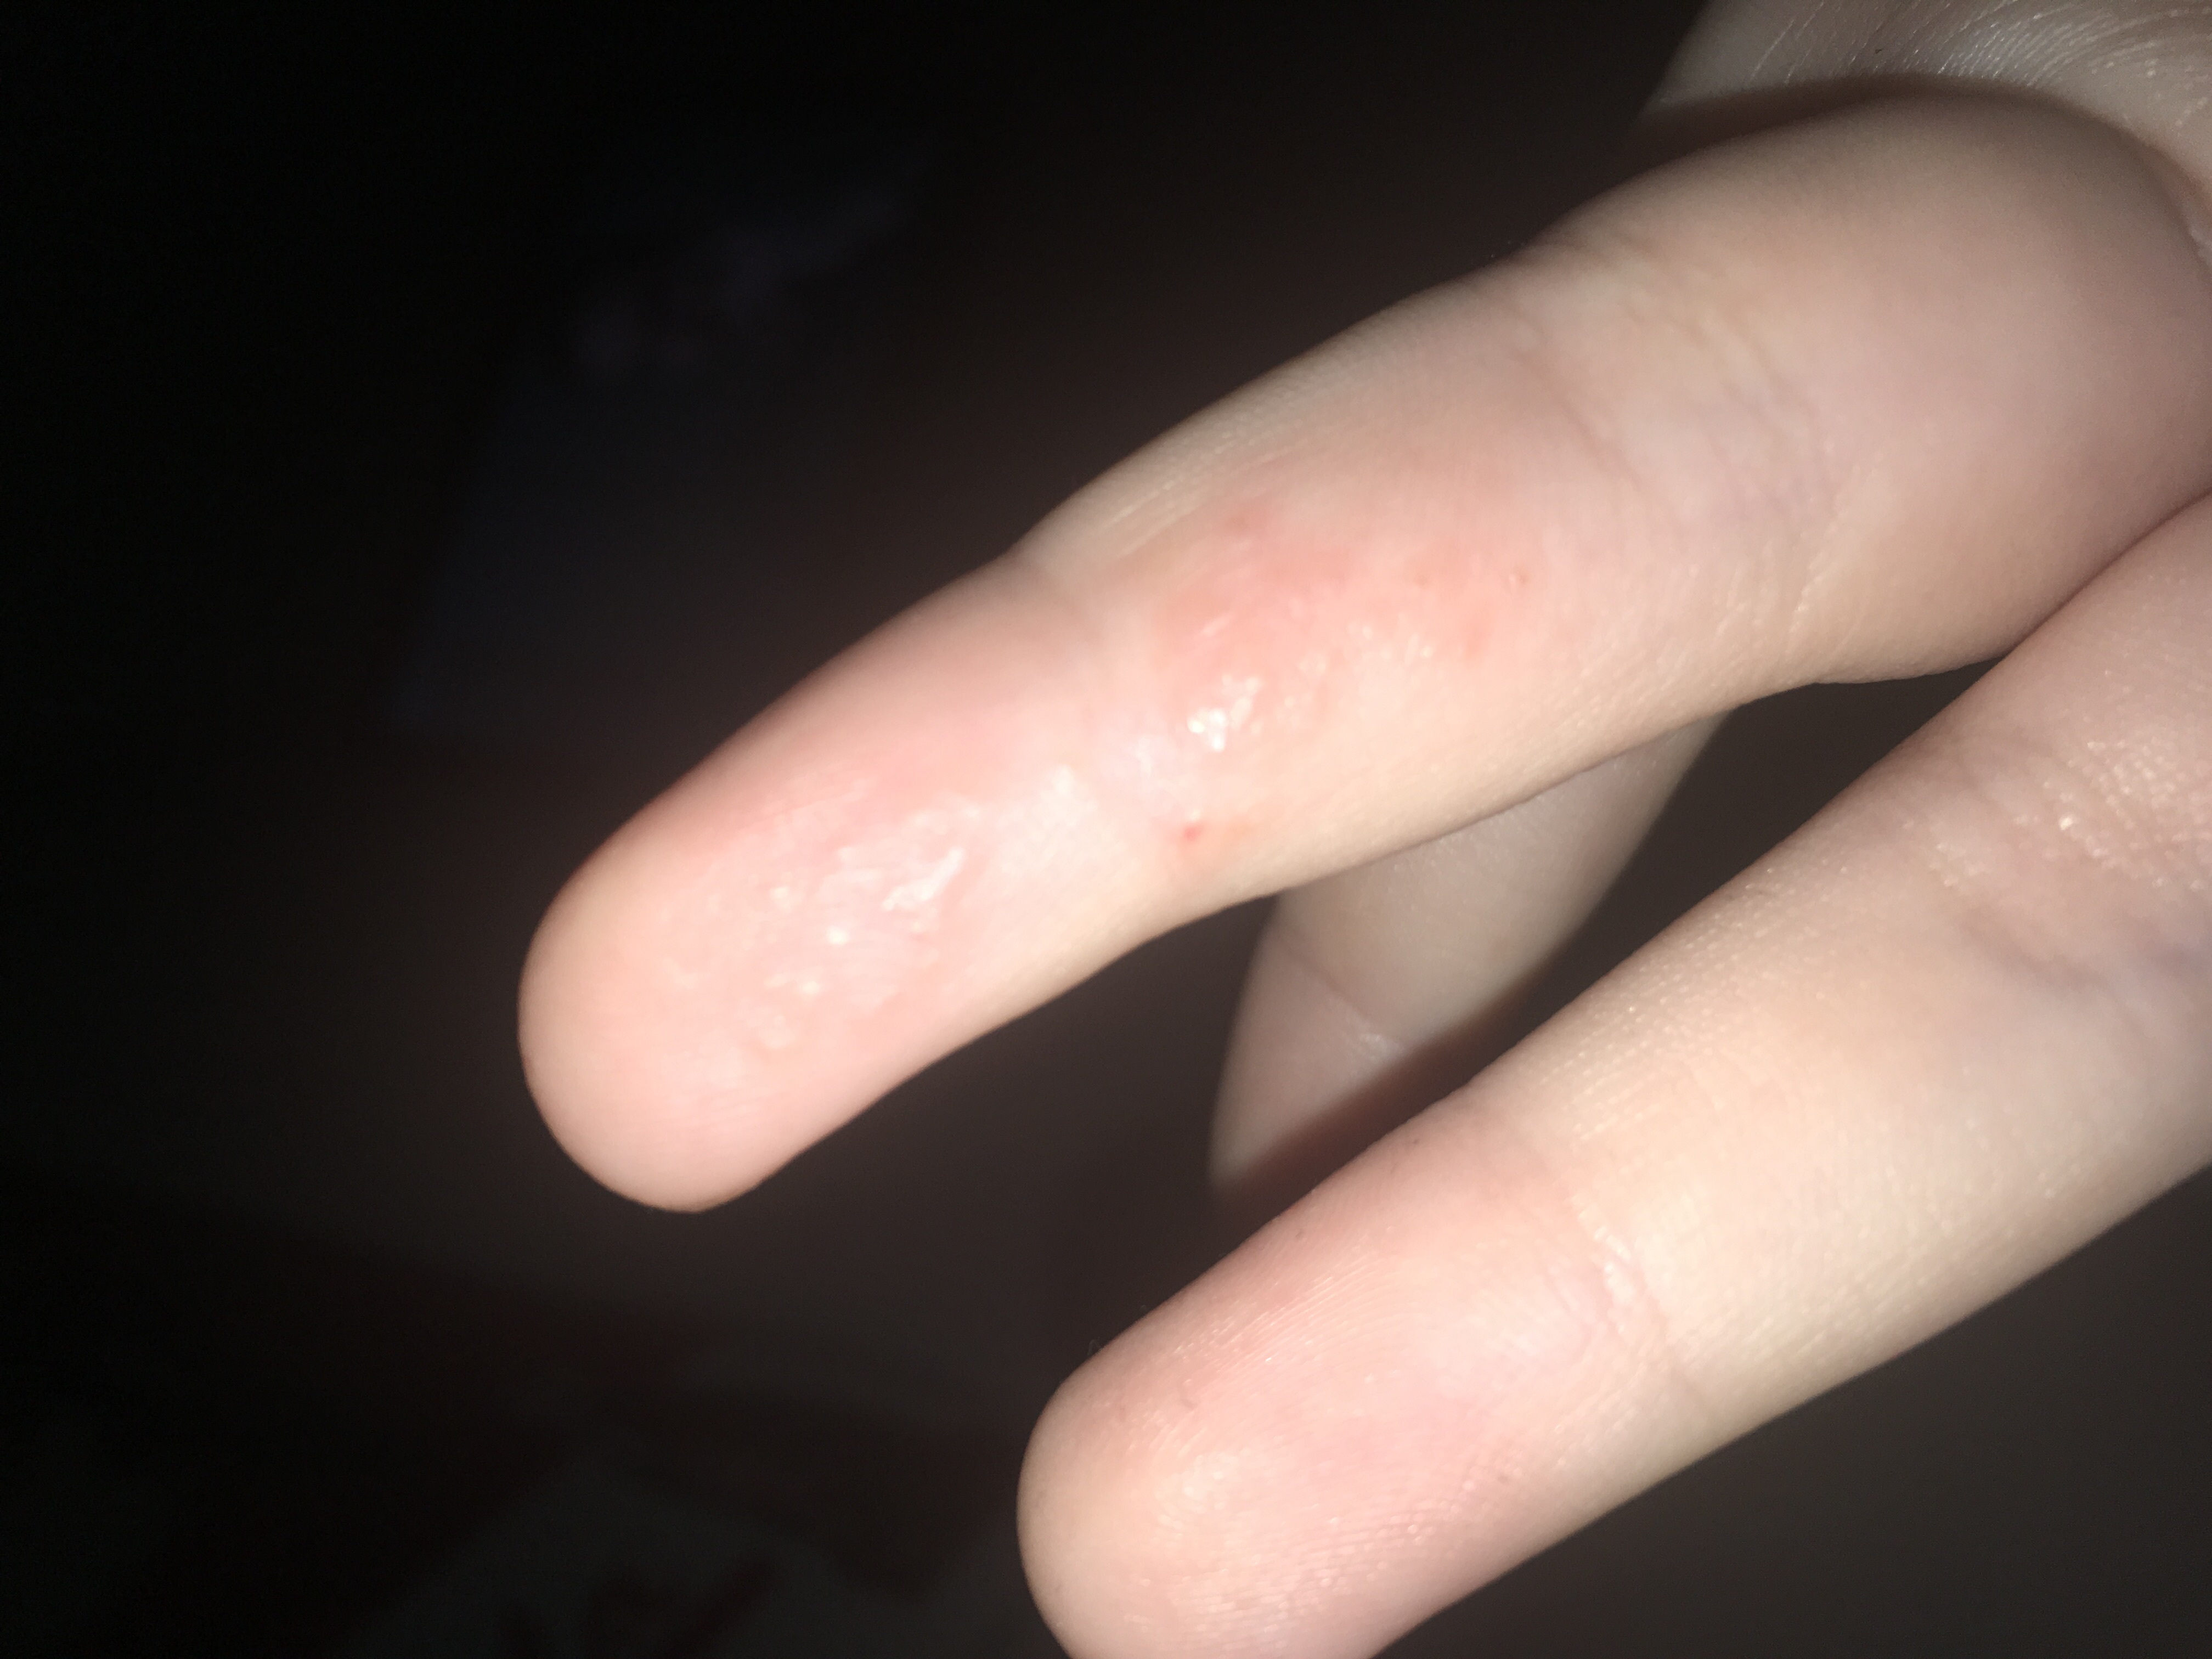 Mückenstich Mit Flüssigkeit Gefüllt